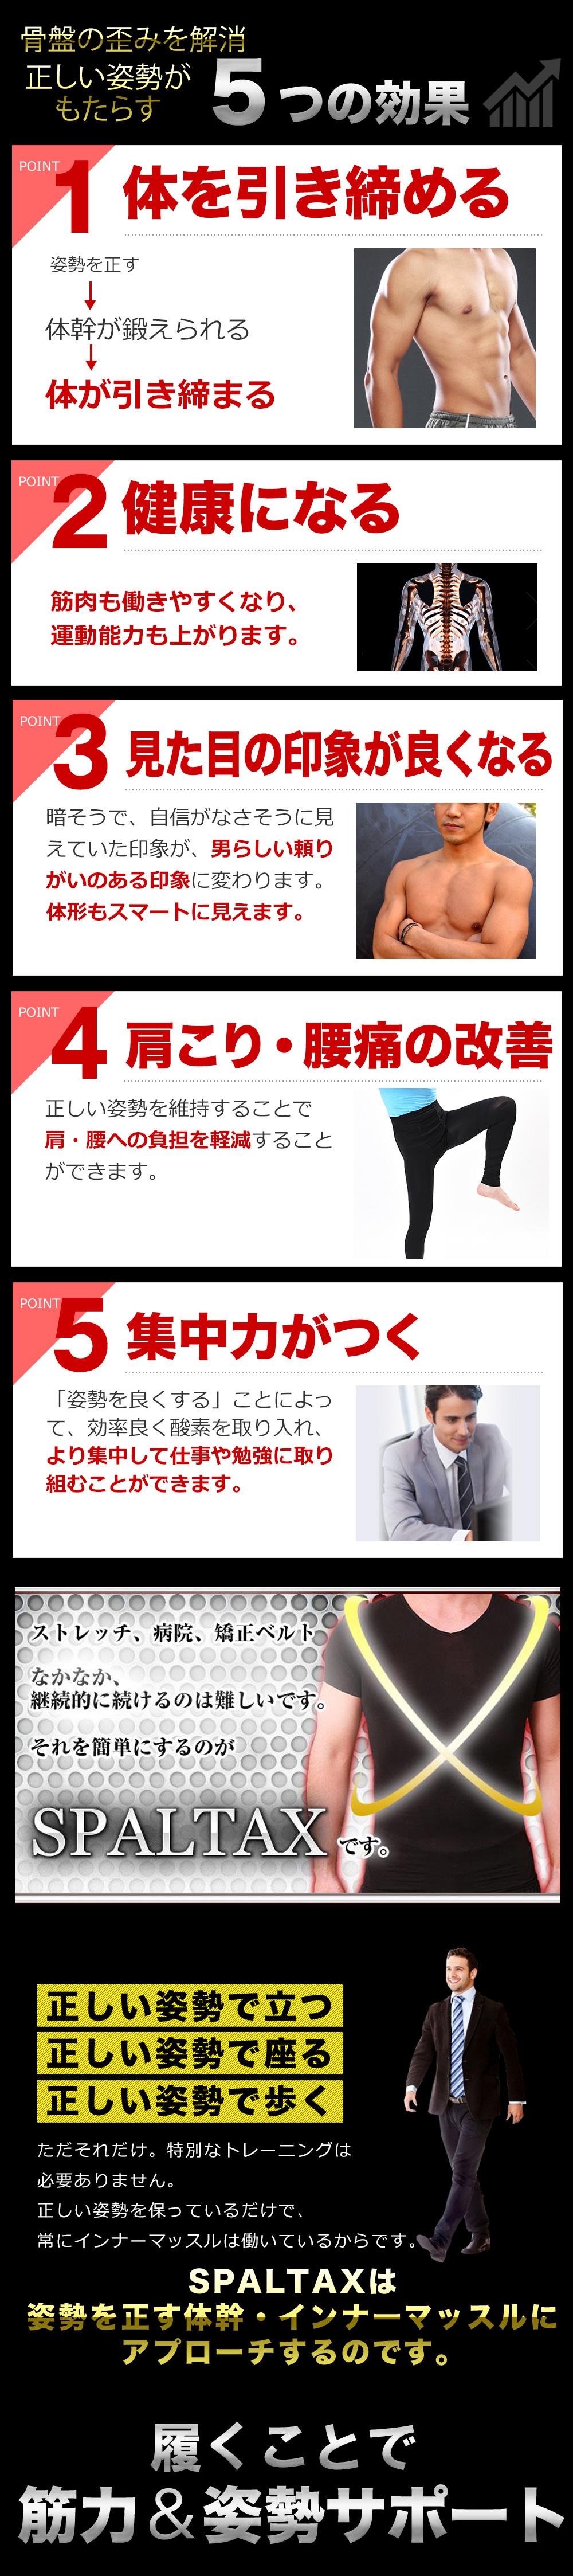 正しい姿勢、体を引き締め健康に、肩こり腰痛の改善、集中力アップ